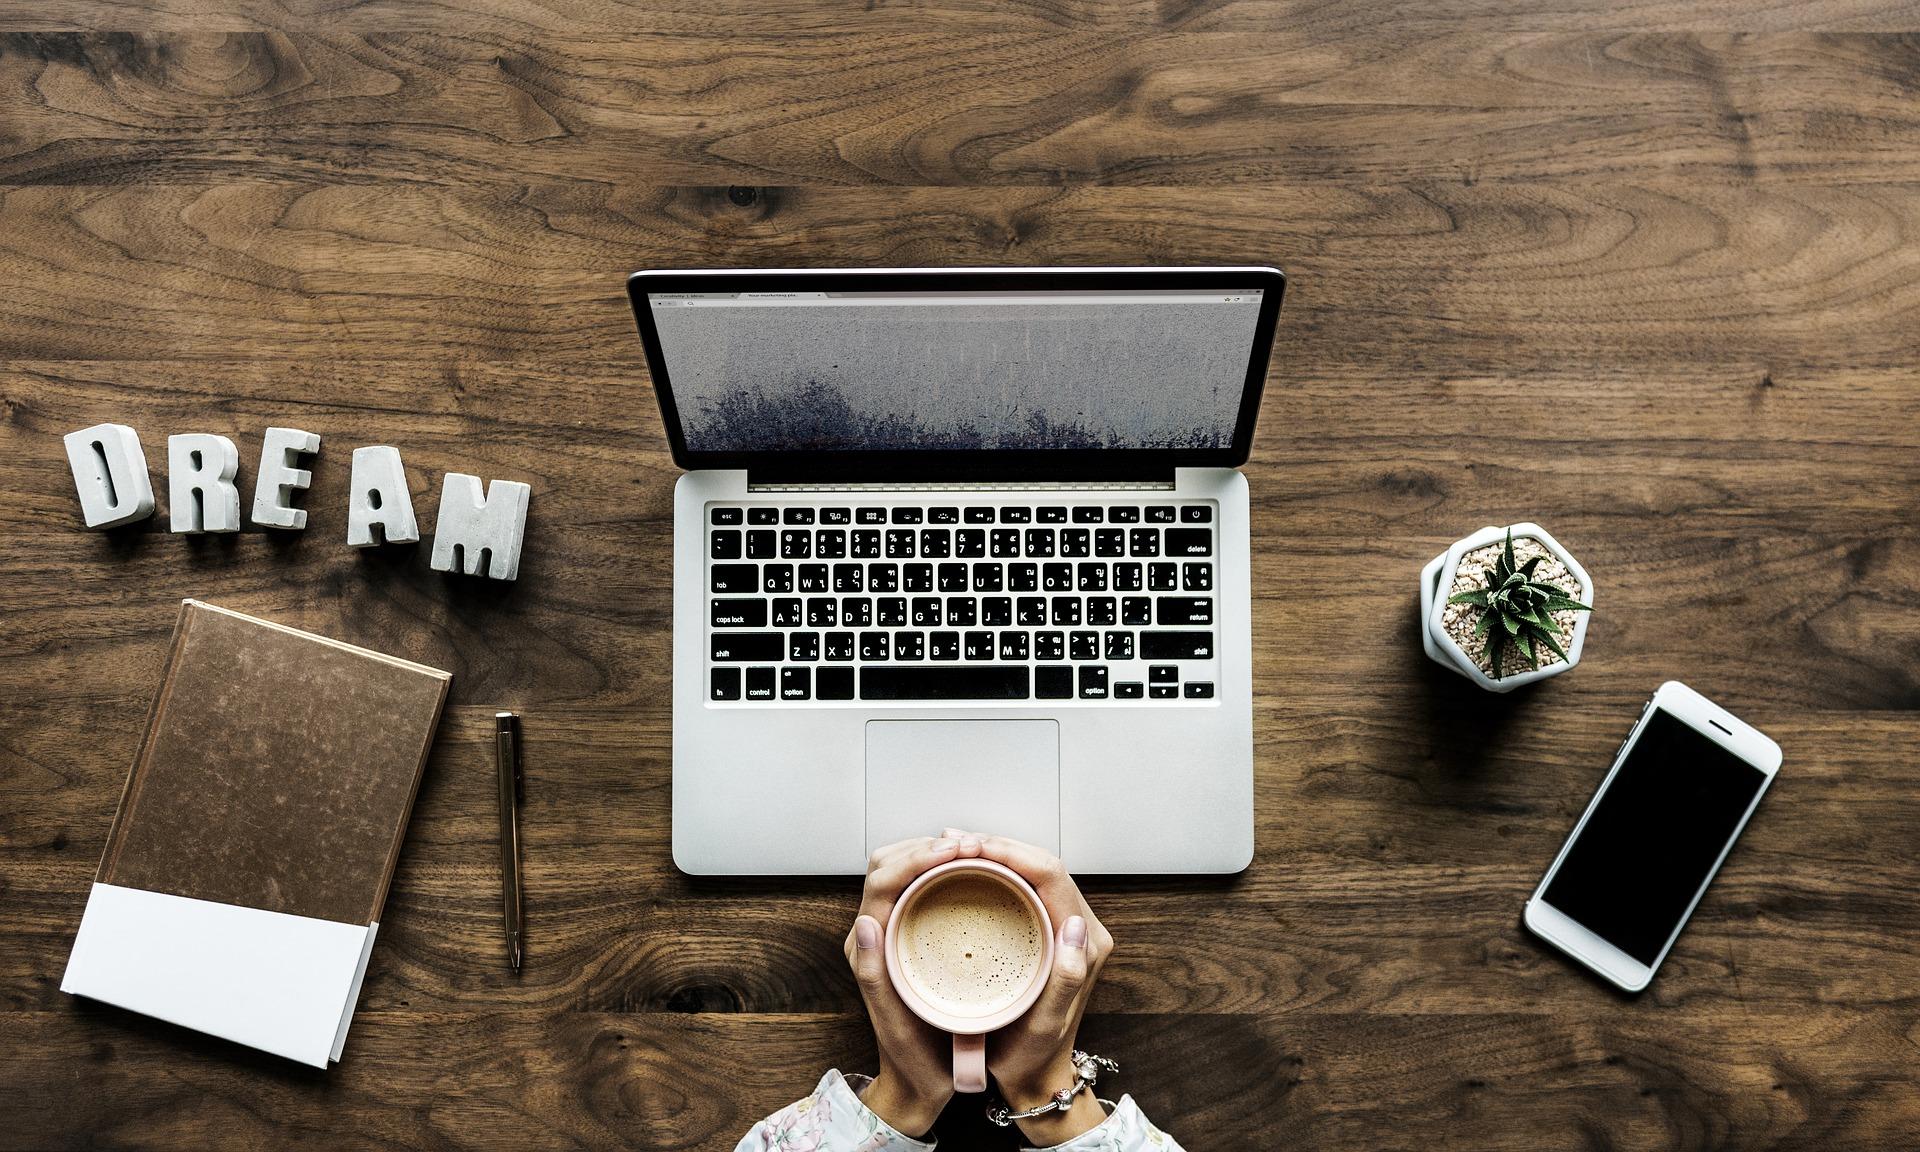 【100記事更新した結果】僕がブログを書き続ける理由 #101